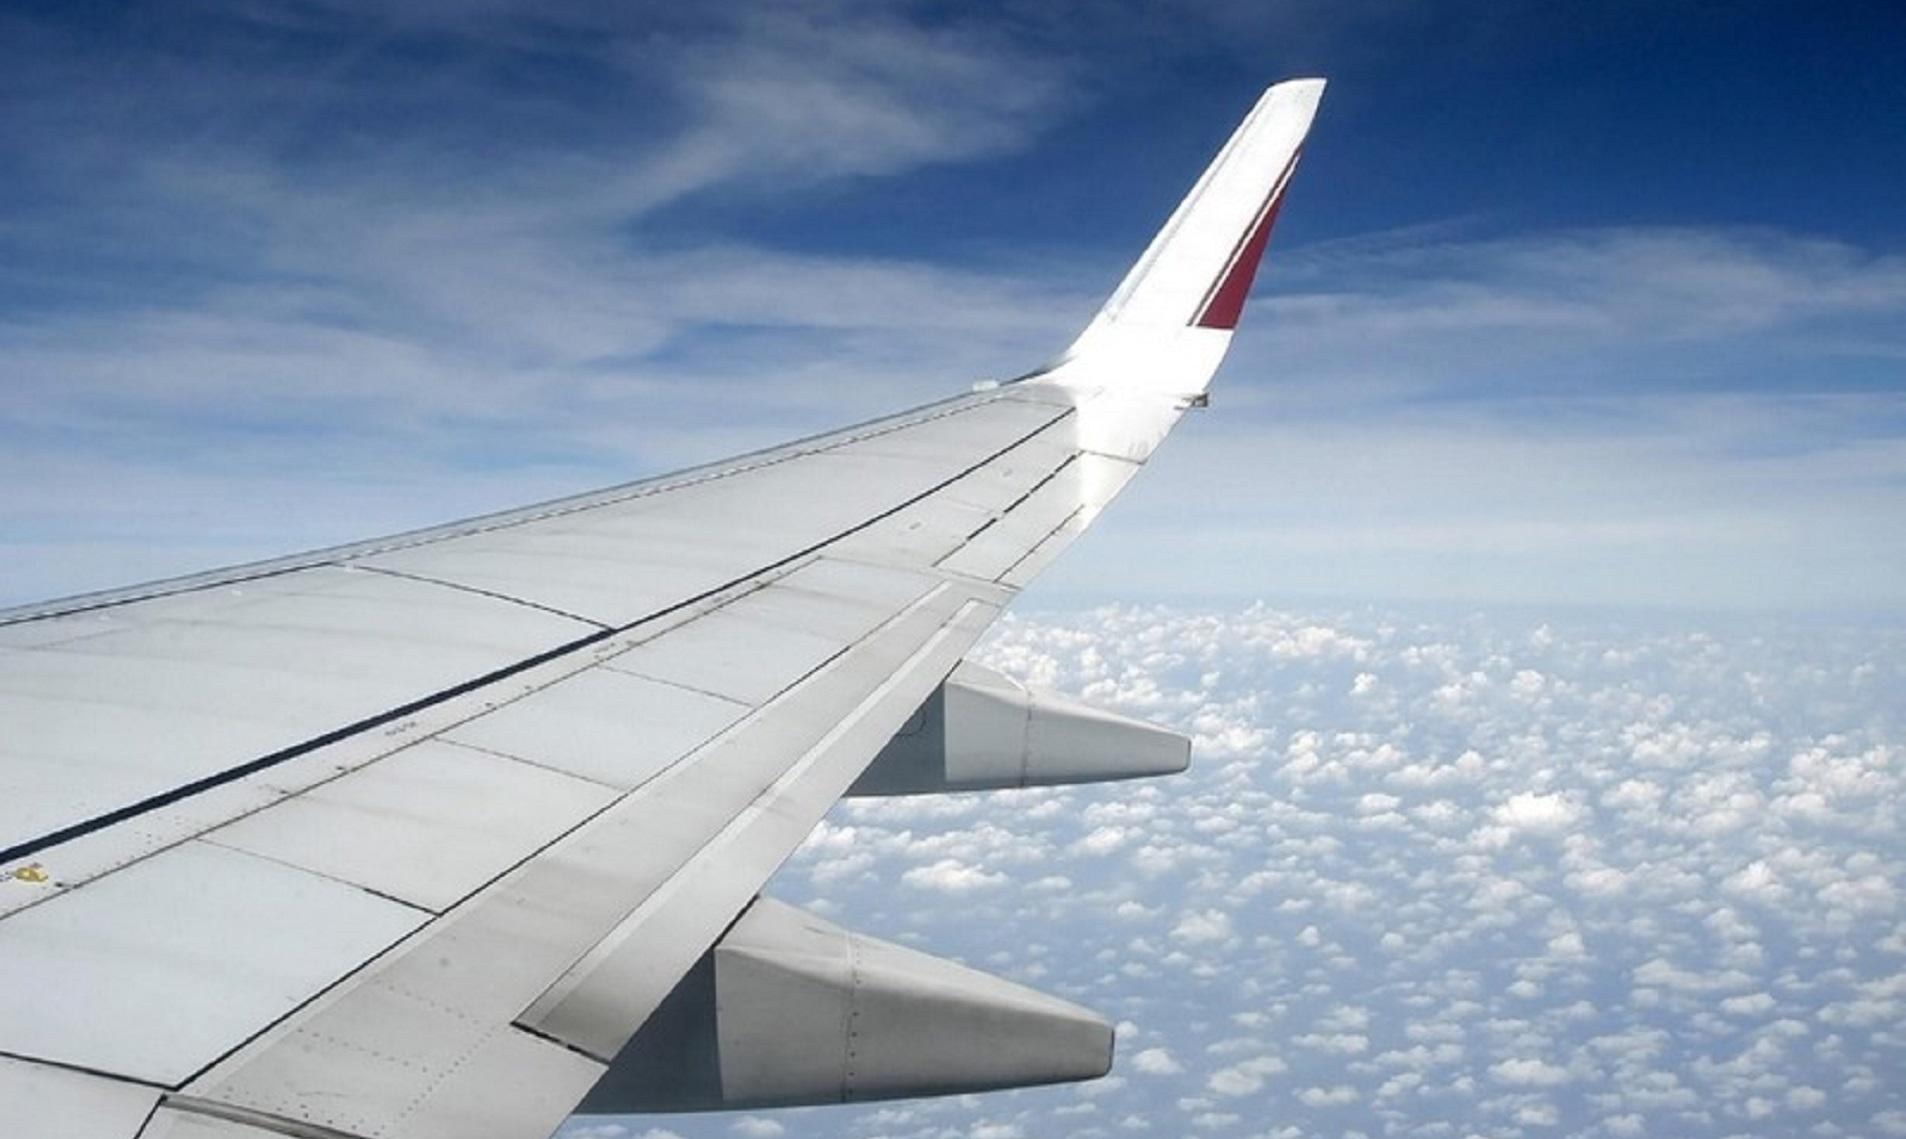 Ceci est un exemple de Matériaux Composites Aéronautique produit par Dedienne